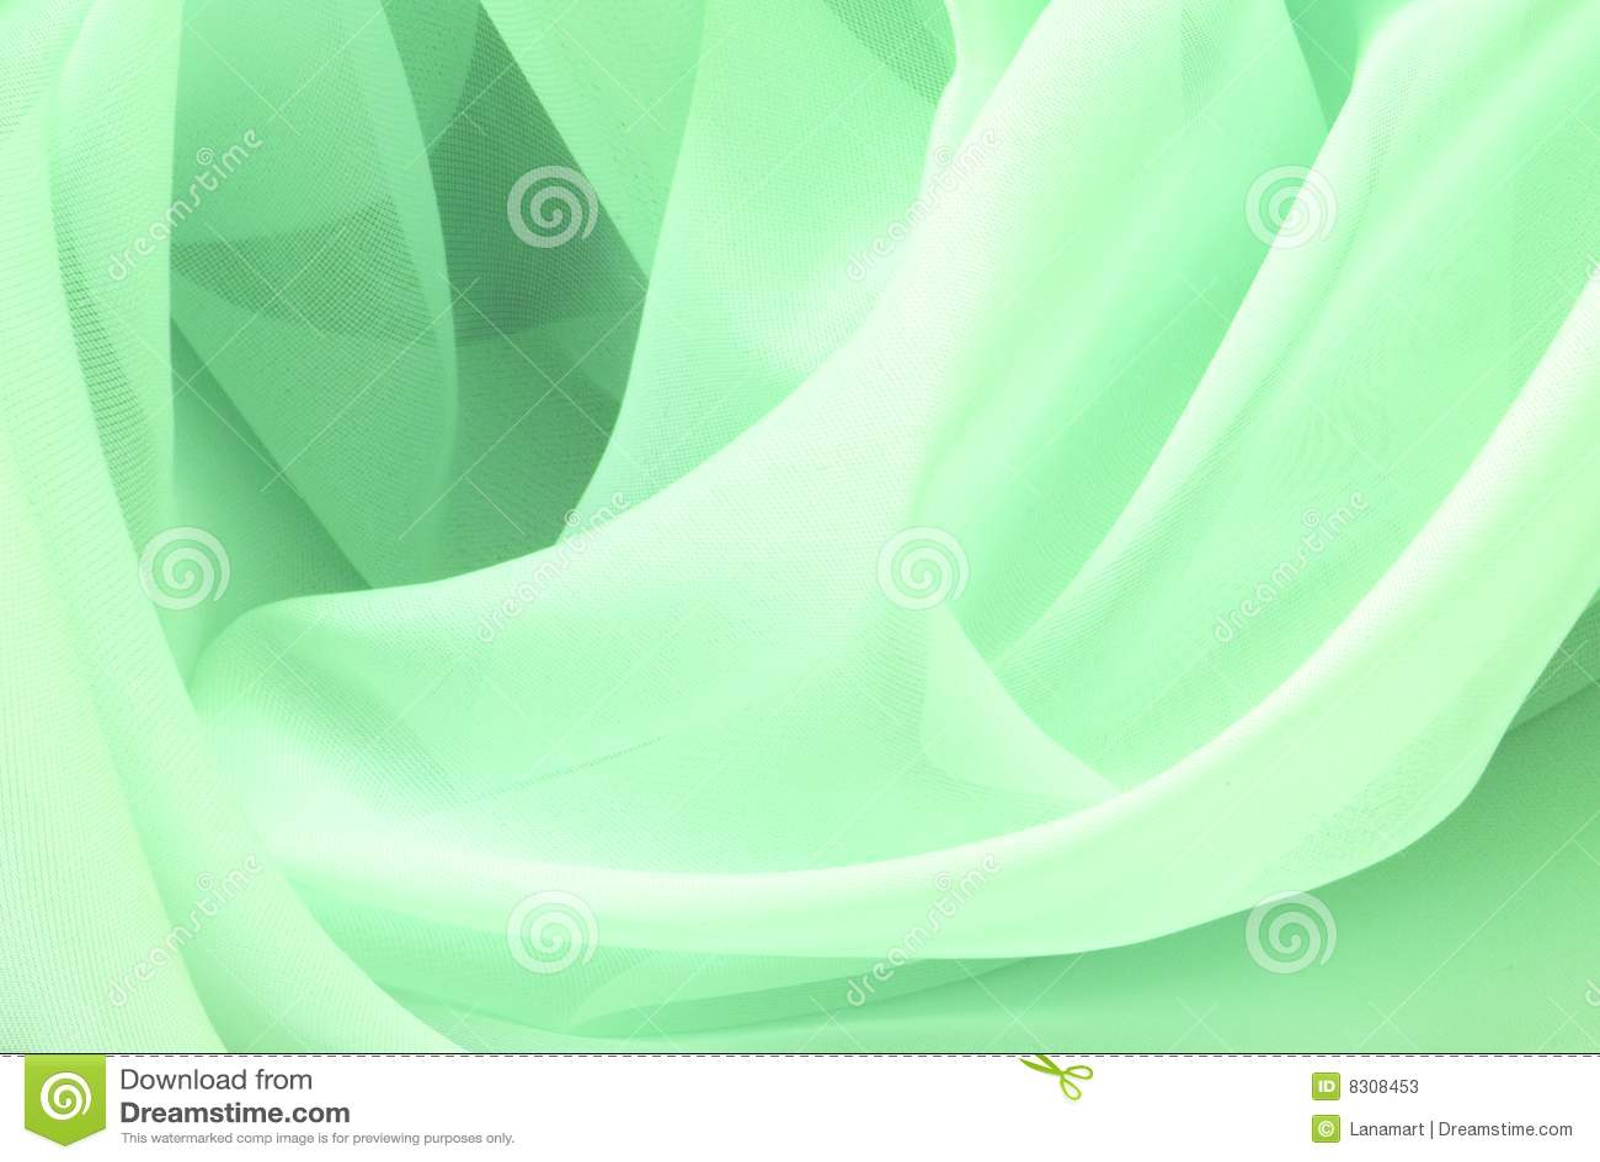 υφασματεμπορία πράσινη